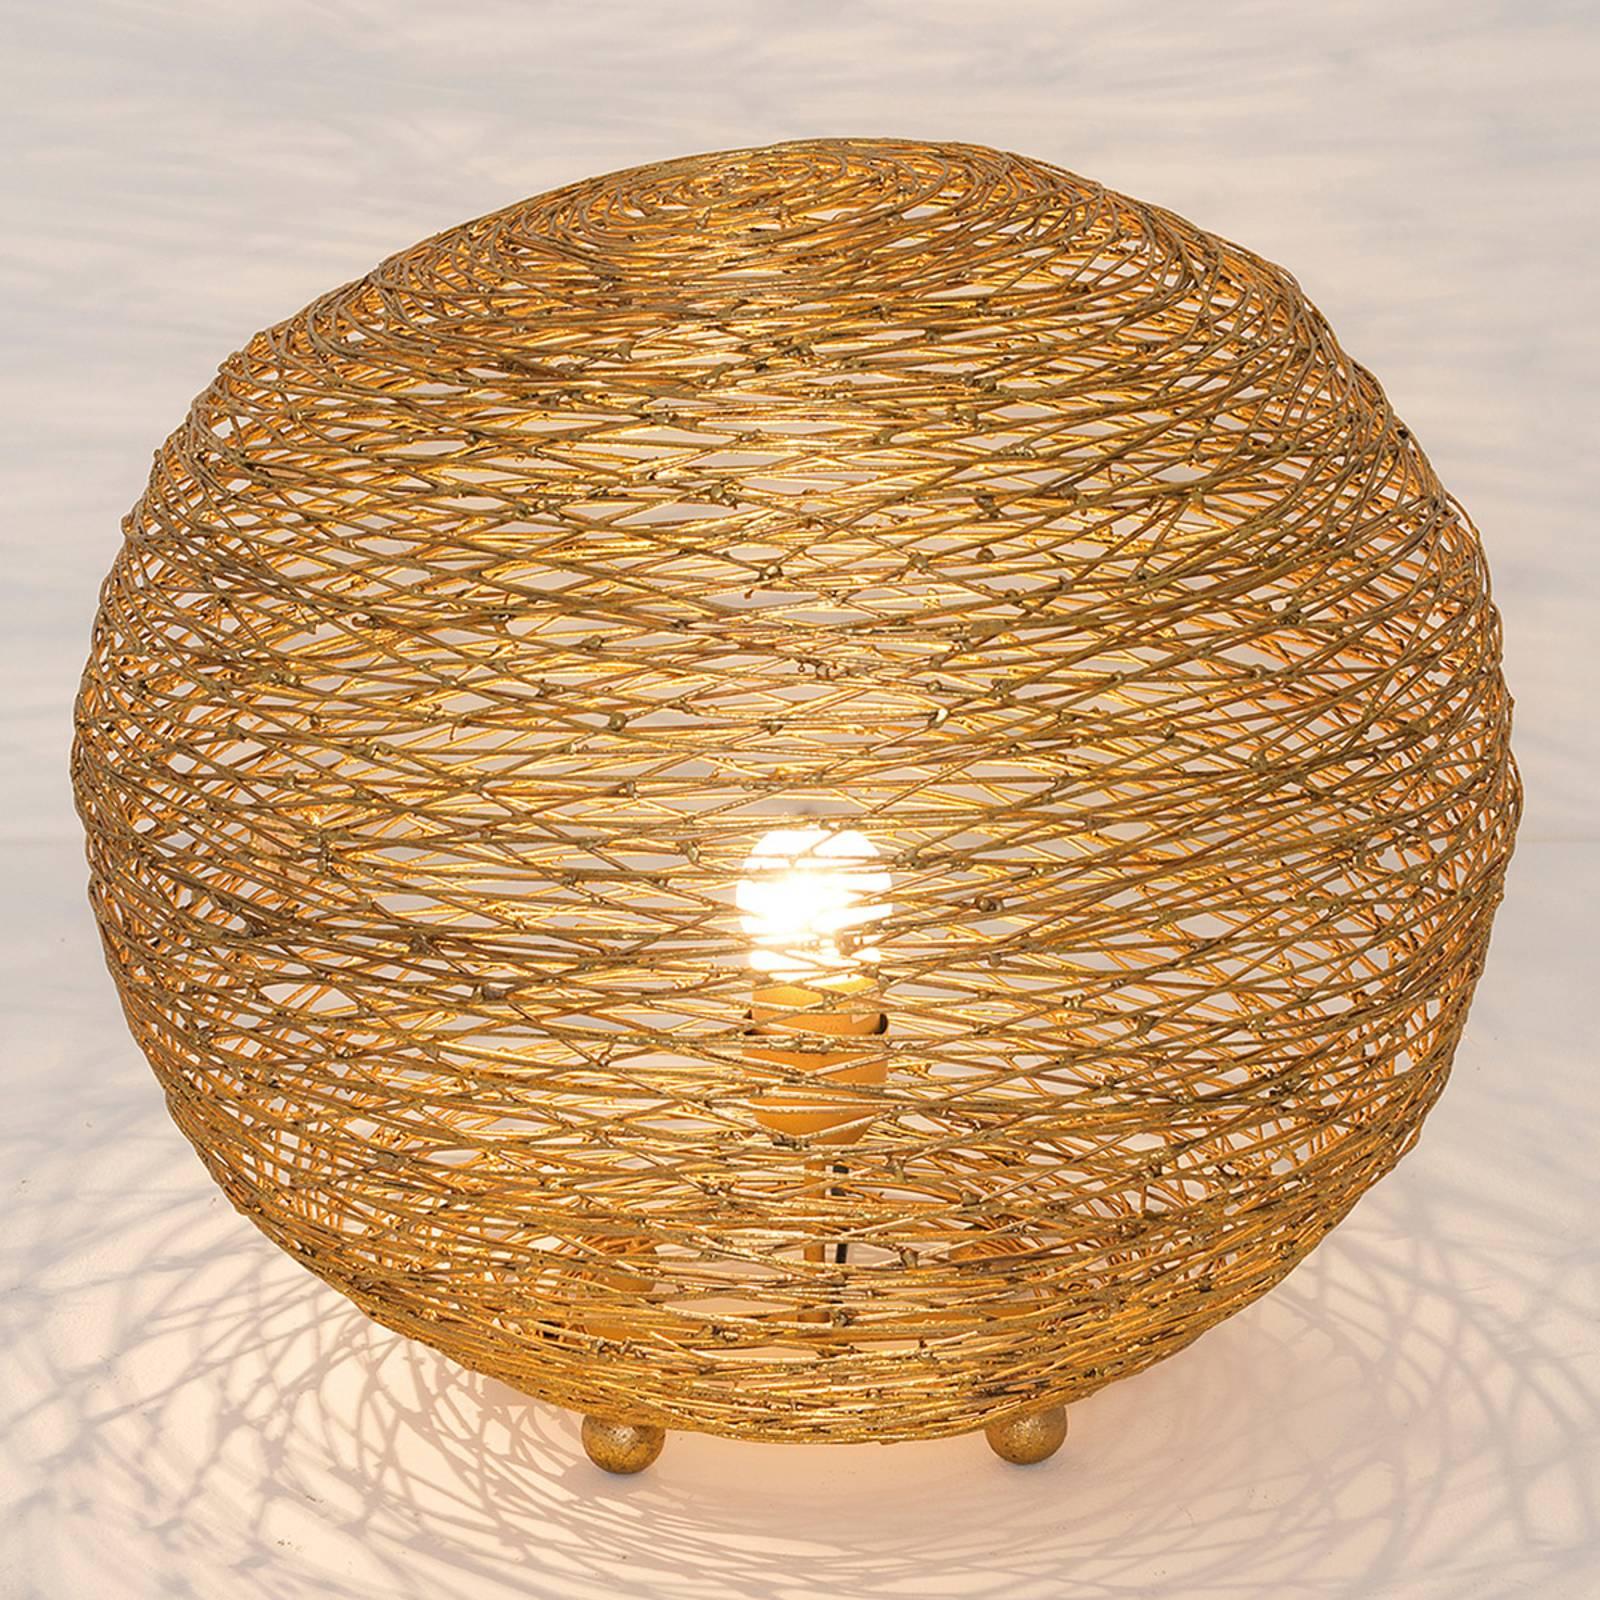 Pöytävalaisin Campano kulta, halkaisija 40 cm